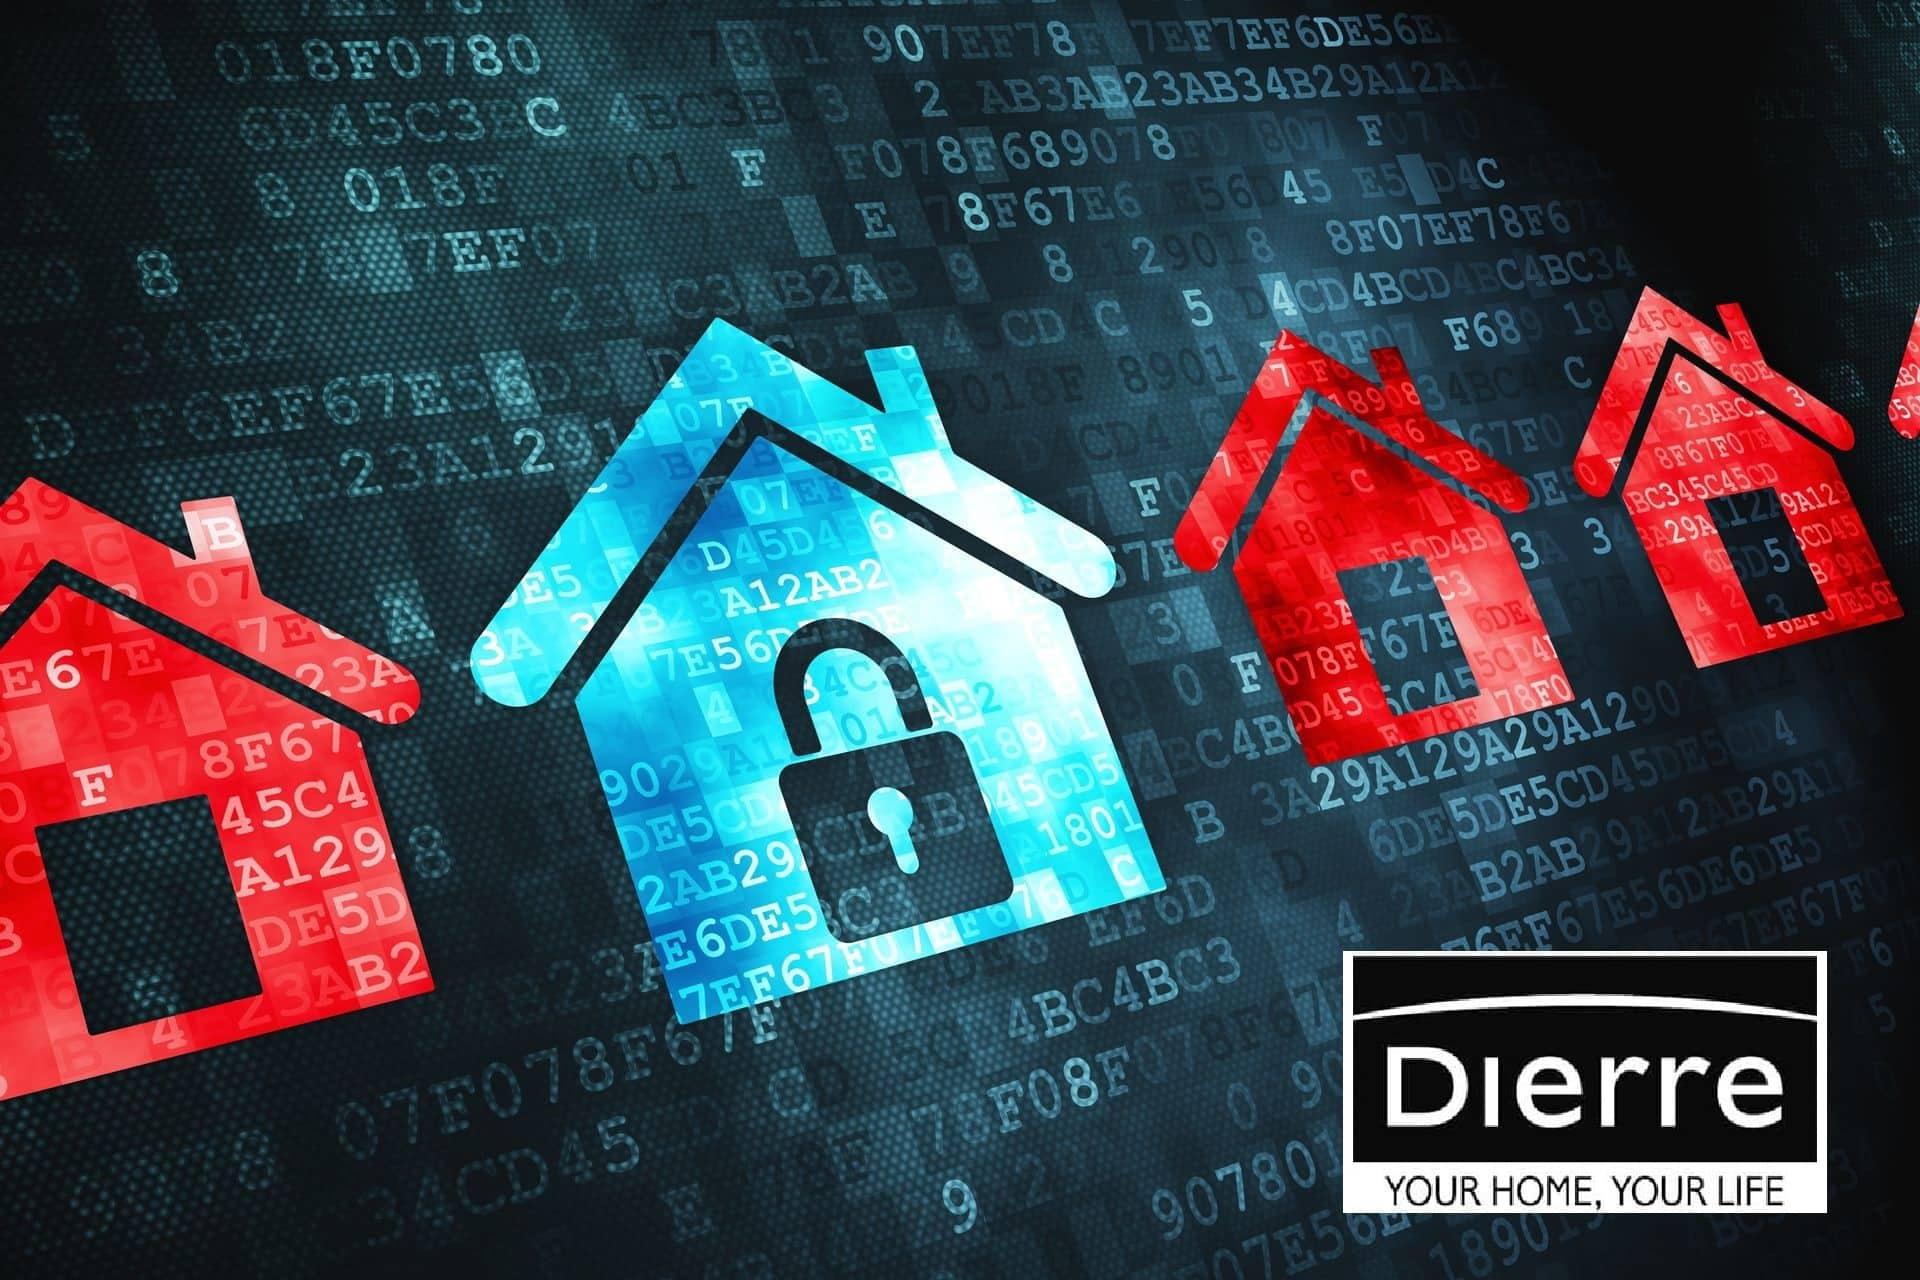 serratura europea Dierre investimento vantaggioso per protezione casa